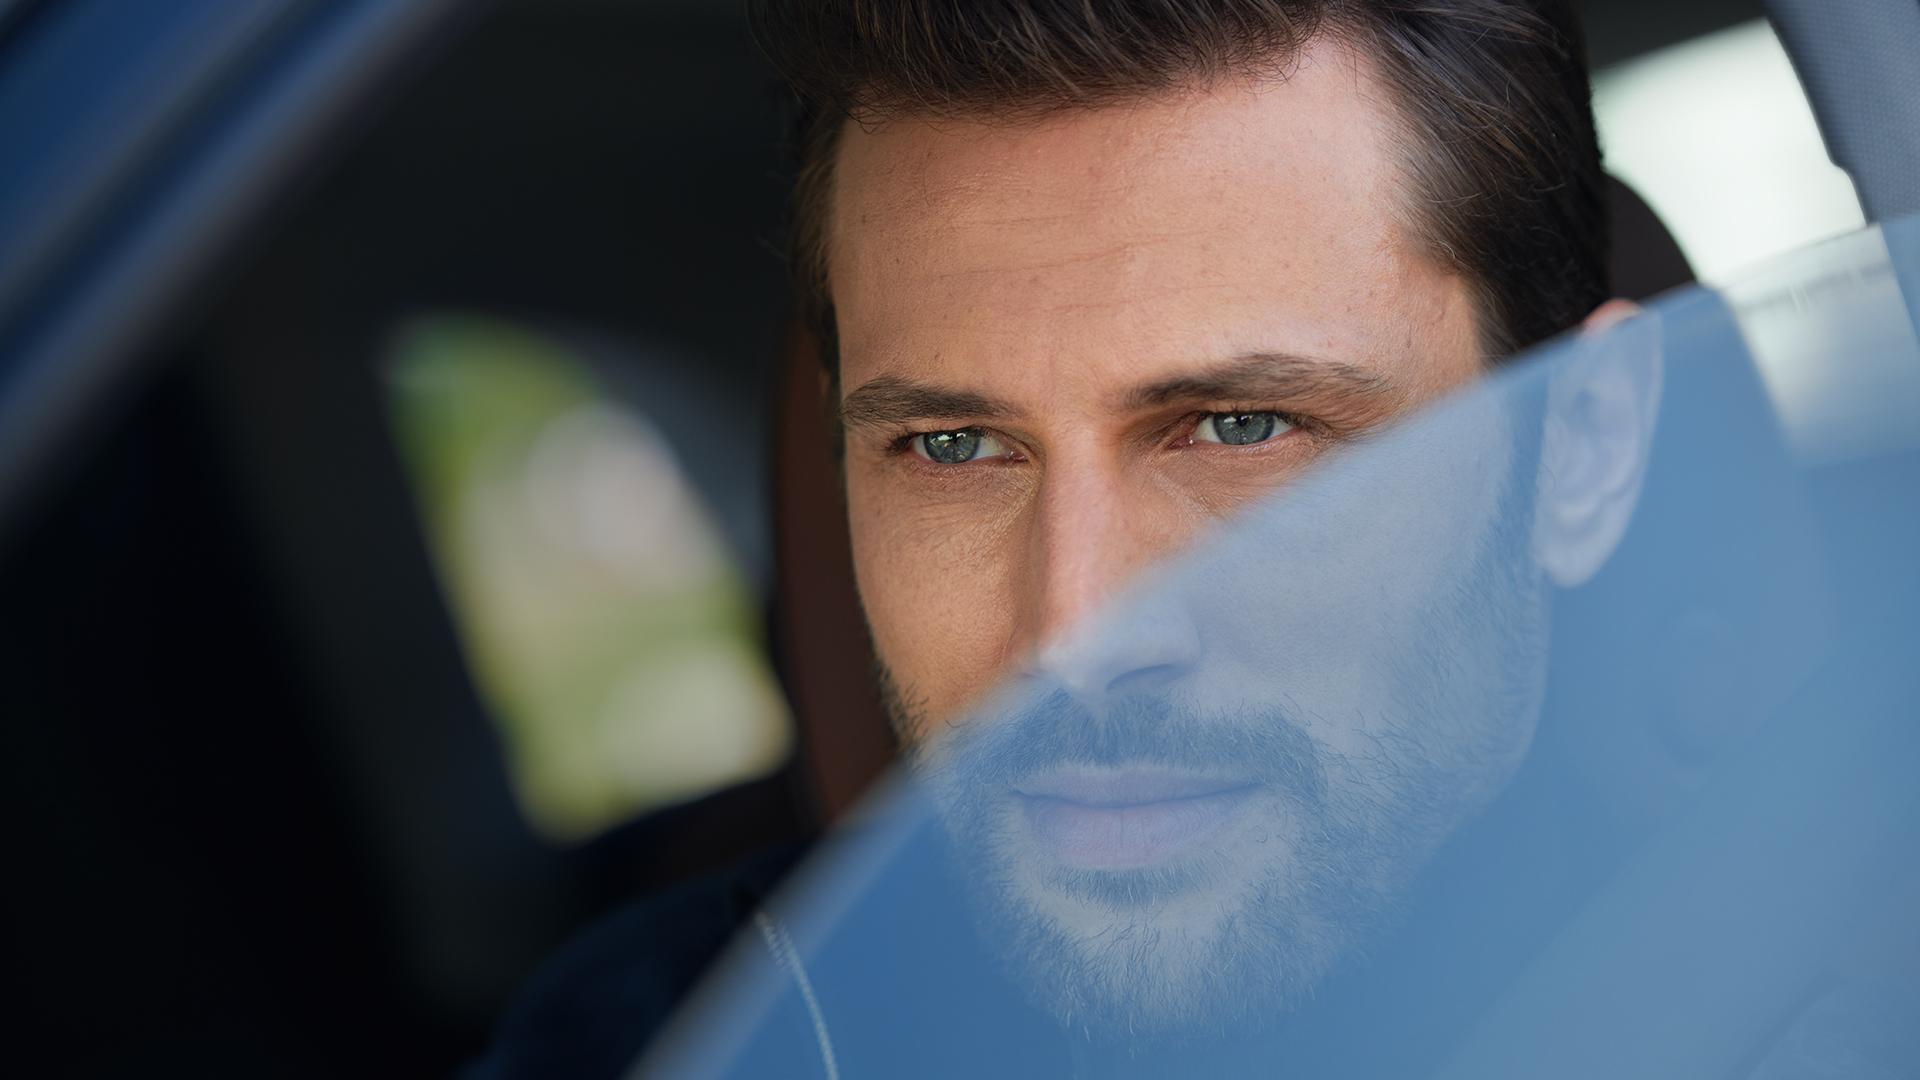 Moški gleda skozi okno avtomobila.